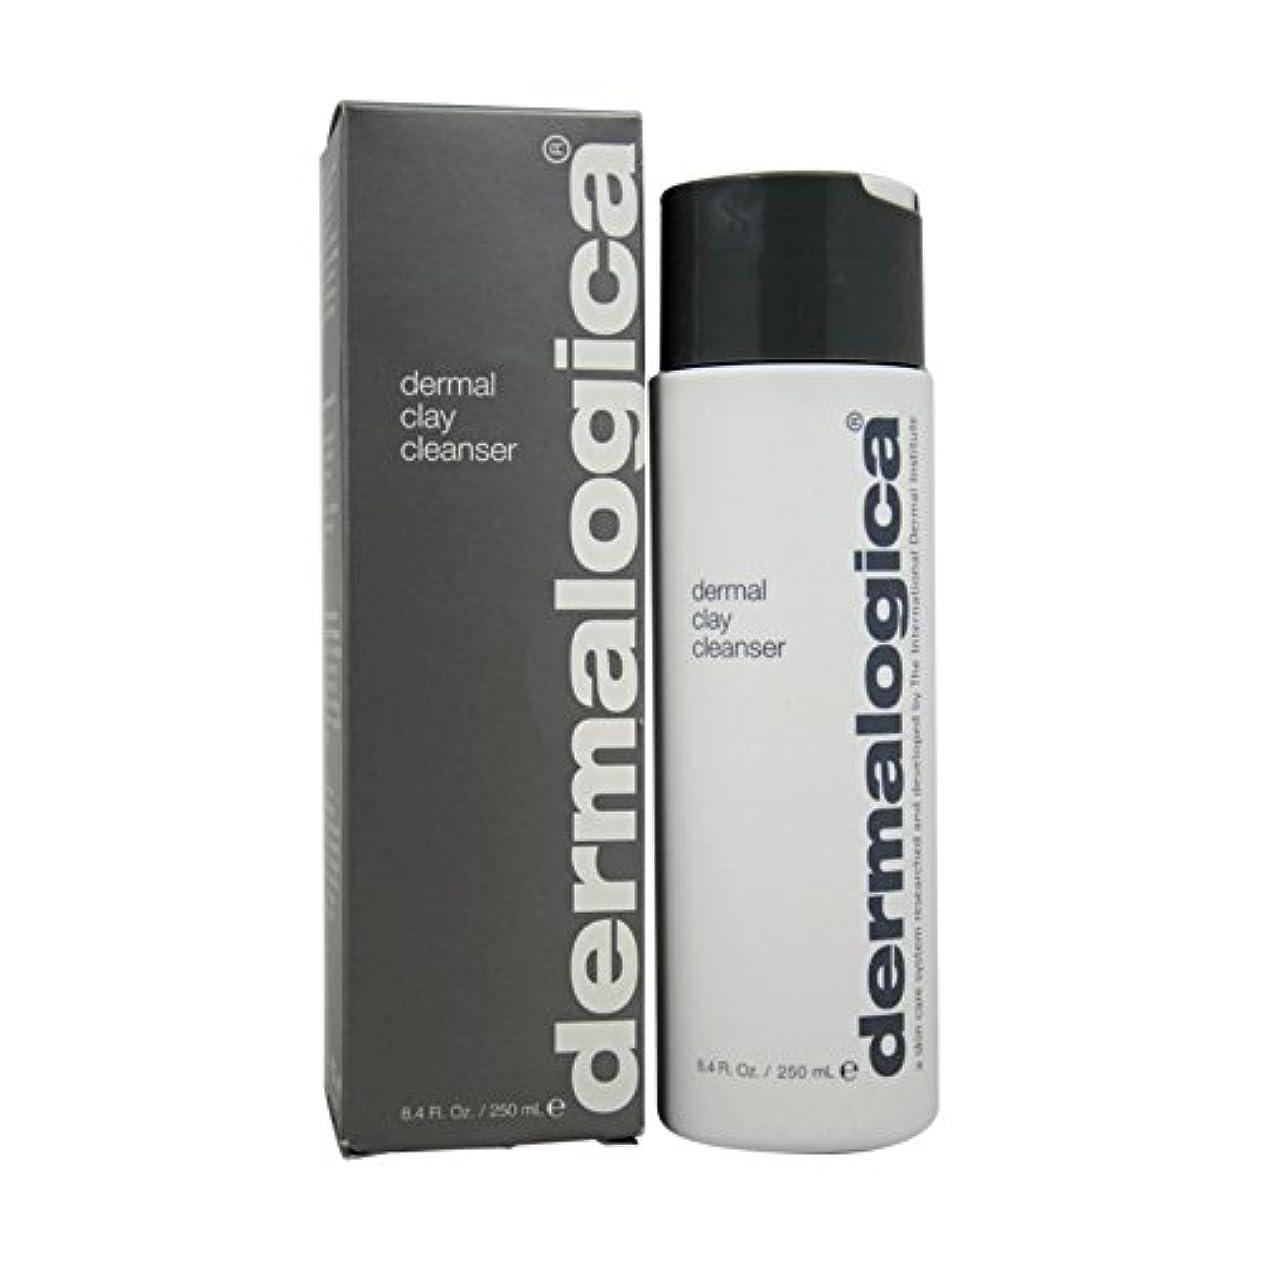 ダーマロジカ(Dermalogica) ダーマル クレイ クレンザー 250ml [並行輸入品]